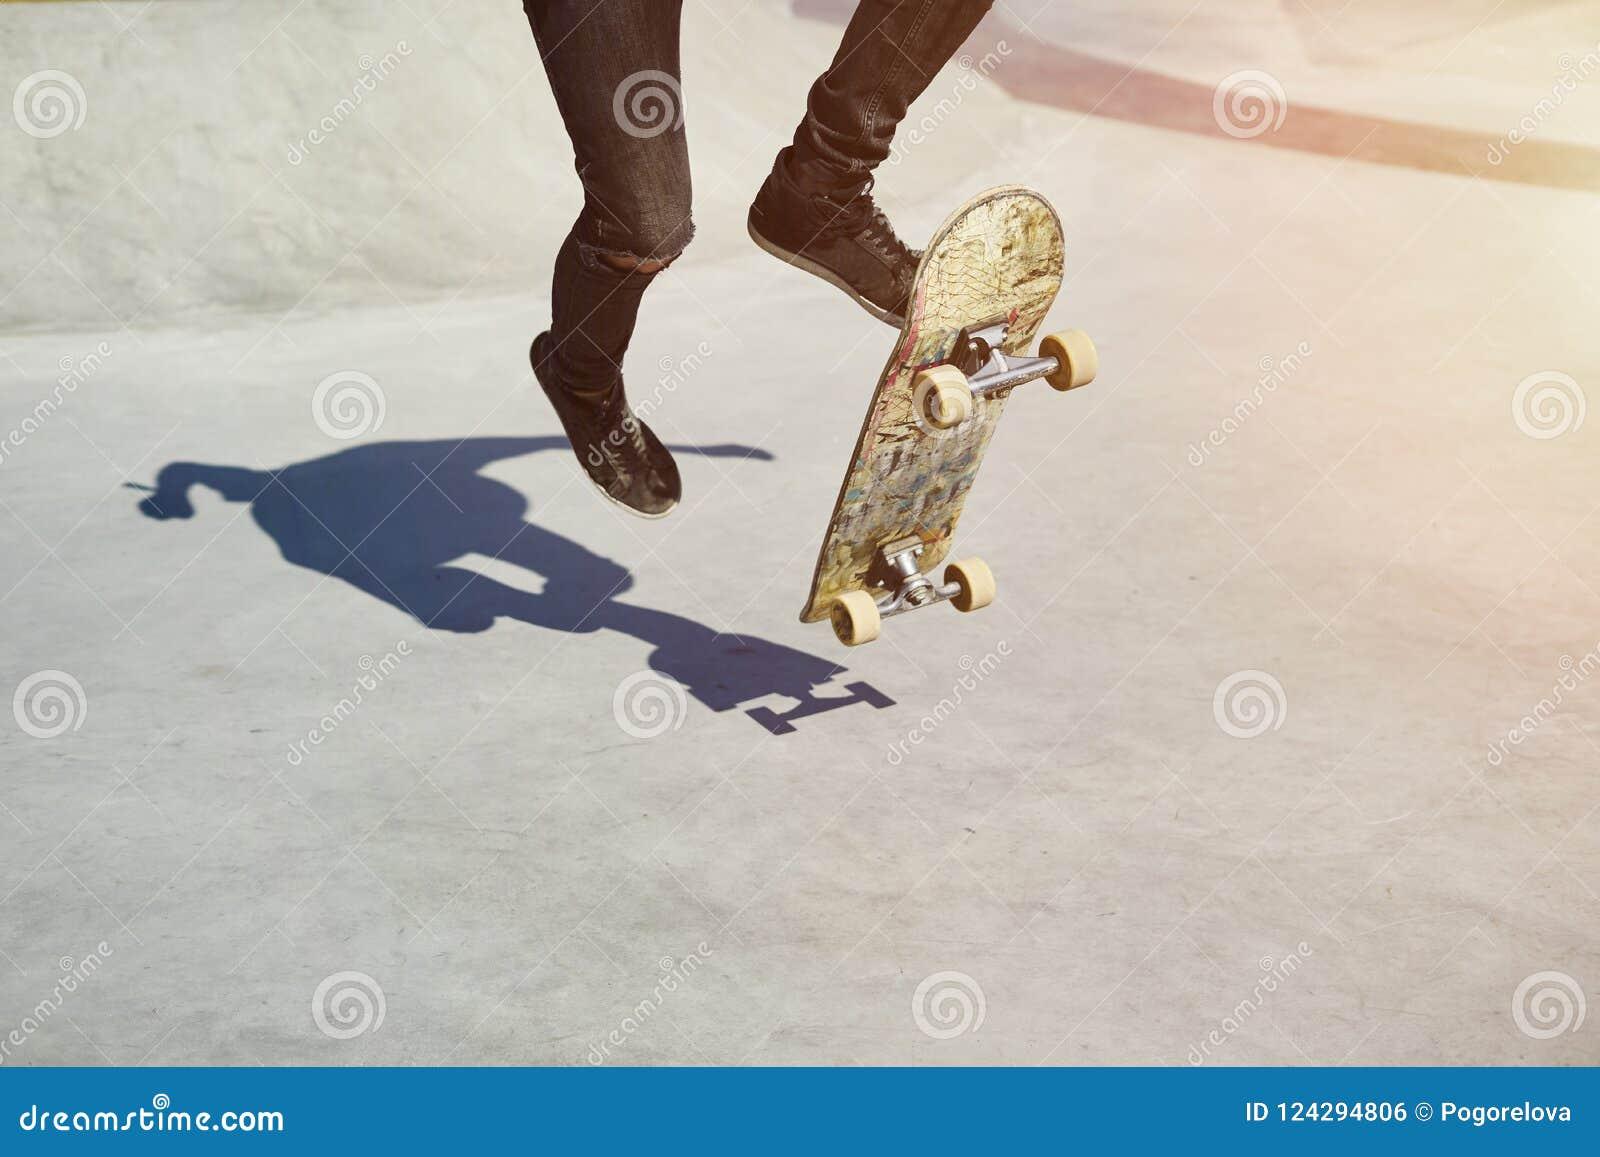 Skateboardfahrer, der einen Trick in einem Rochenpark, Praxisfreistil-Extremsport tut